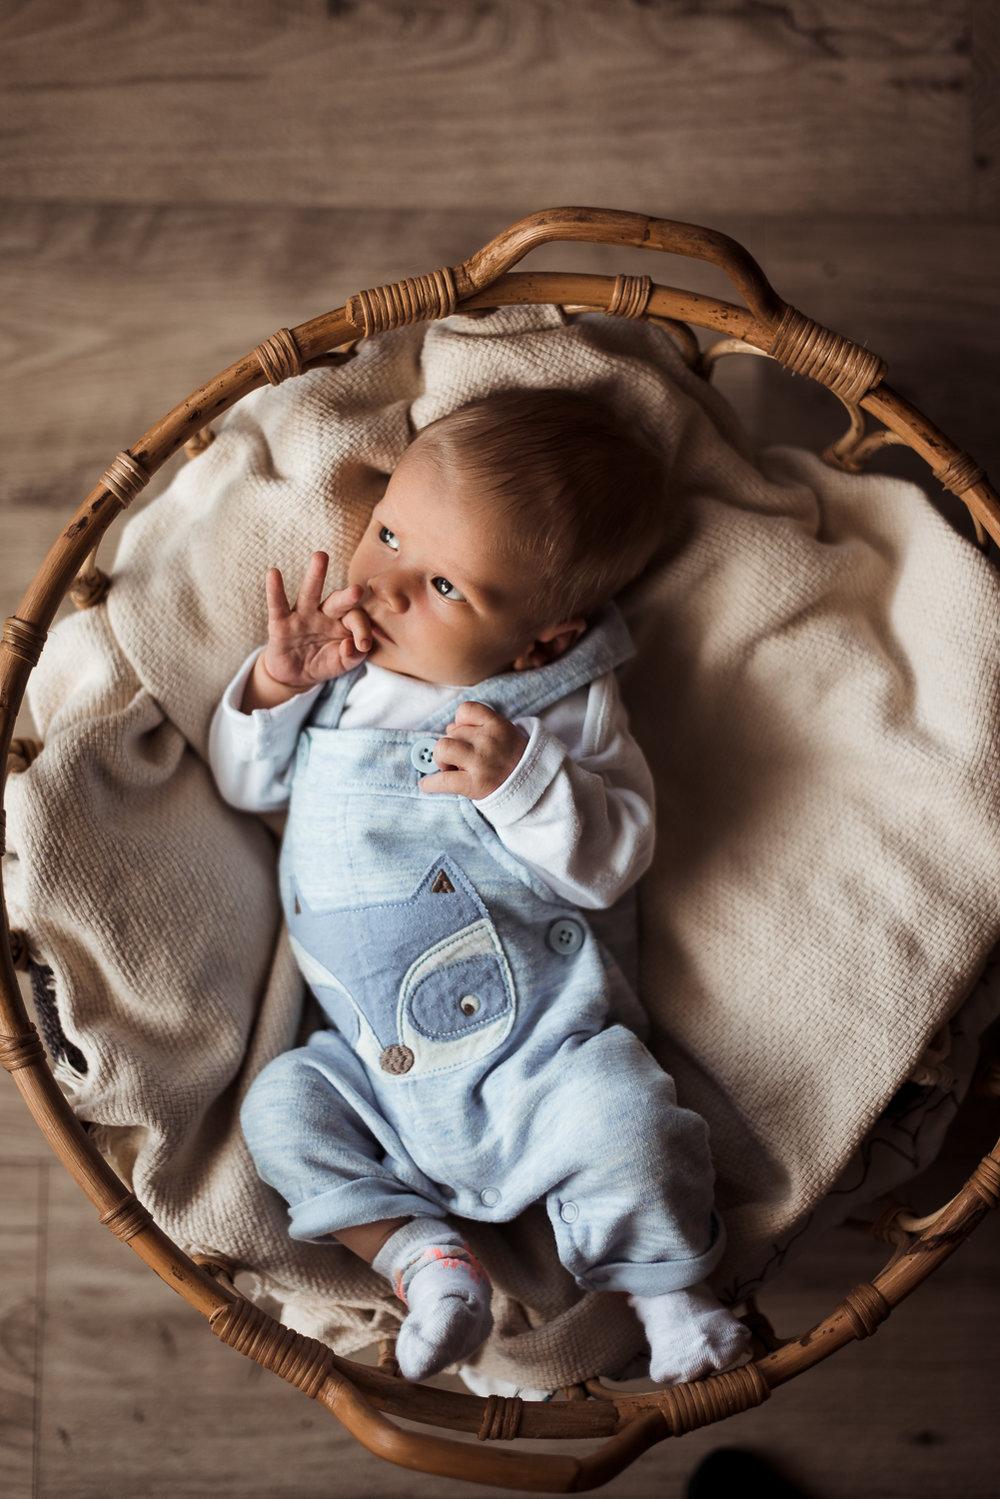 Toto bábätko je fotené v košíku vedľa veľkého okna. Bočné svetlo a tiene dodávajú fotke potrebnú hĺbku.